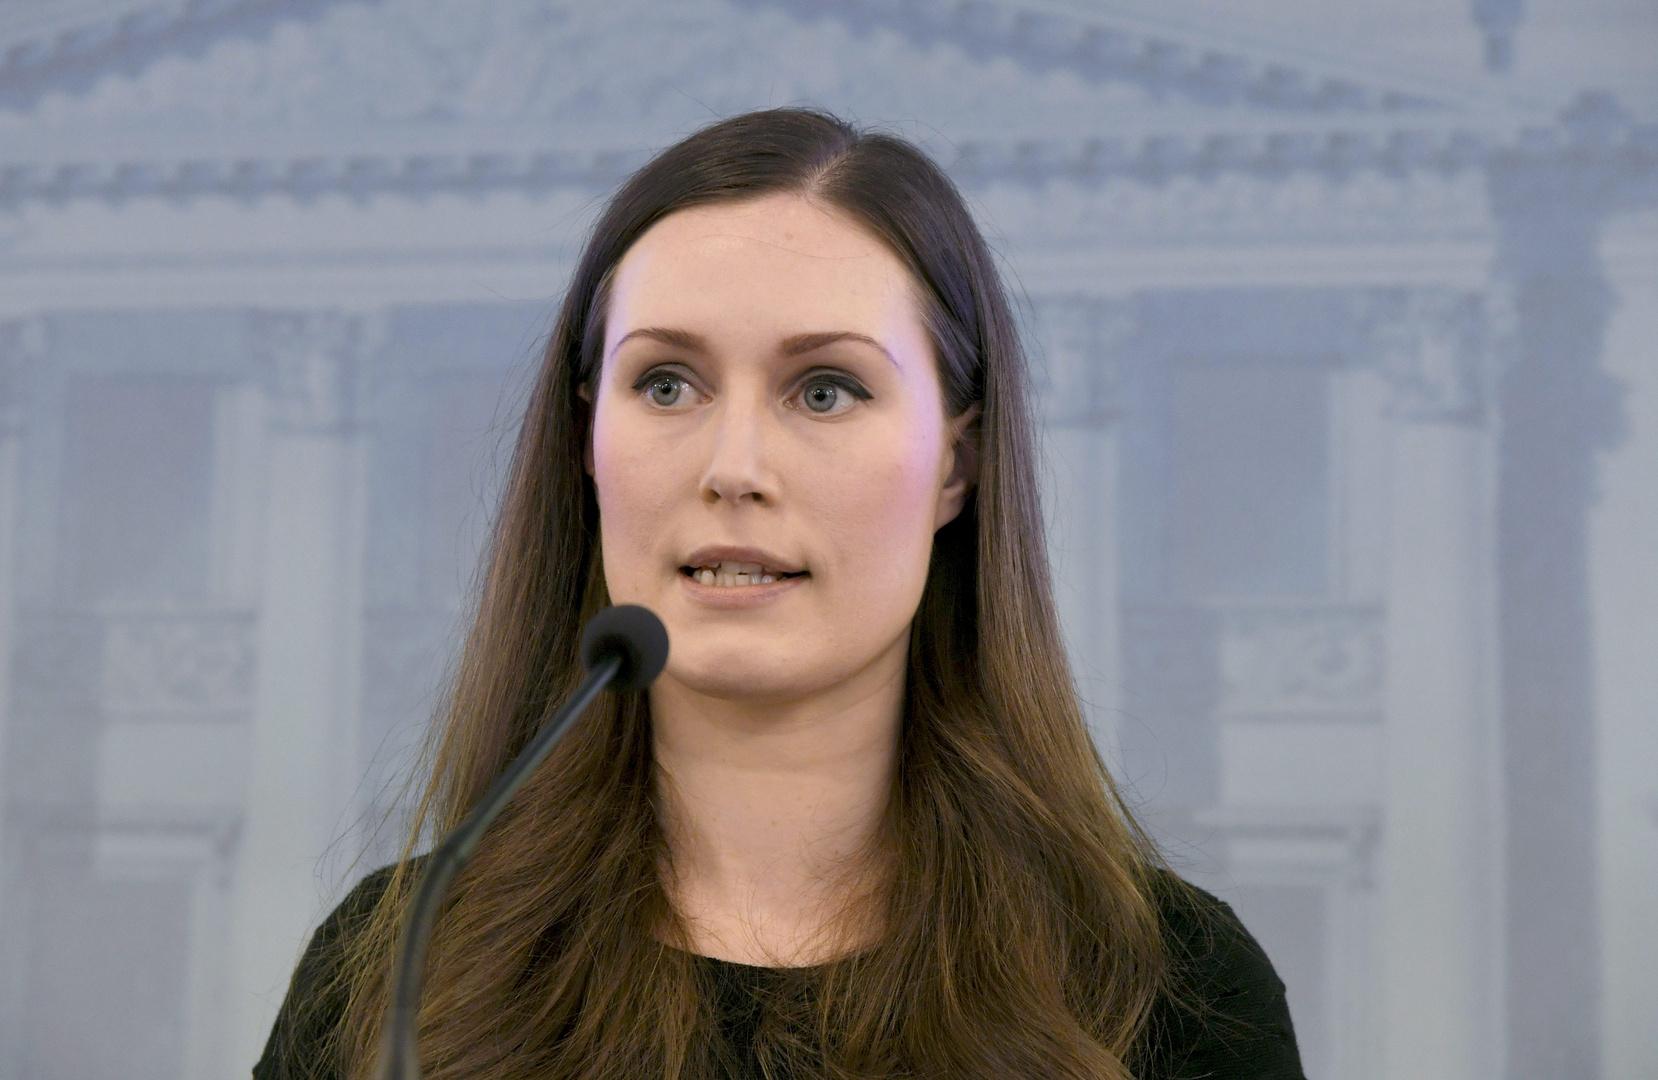 رئيسة وزراء فنلندا تغادر قمة الاتحاد الأوروبي في بروكسل للدخول في حجر صحي